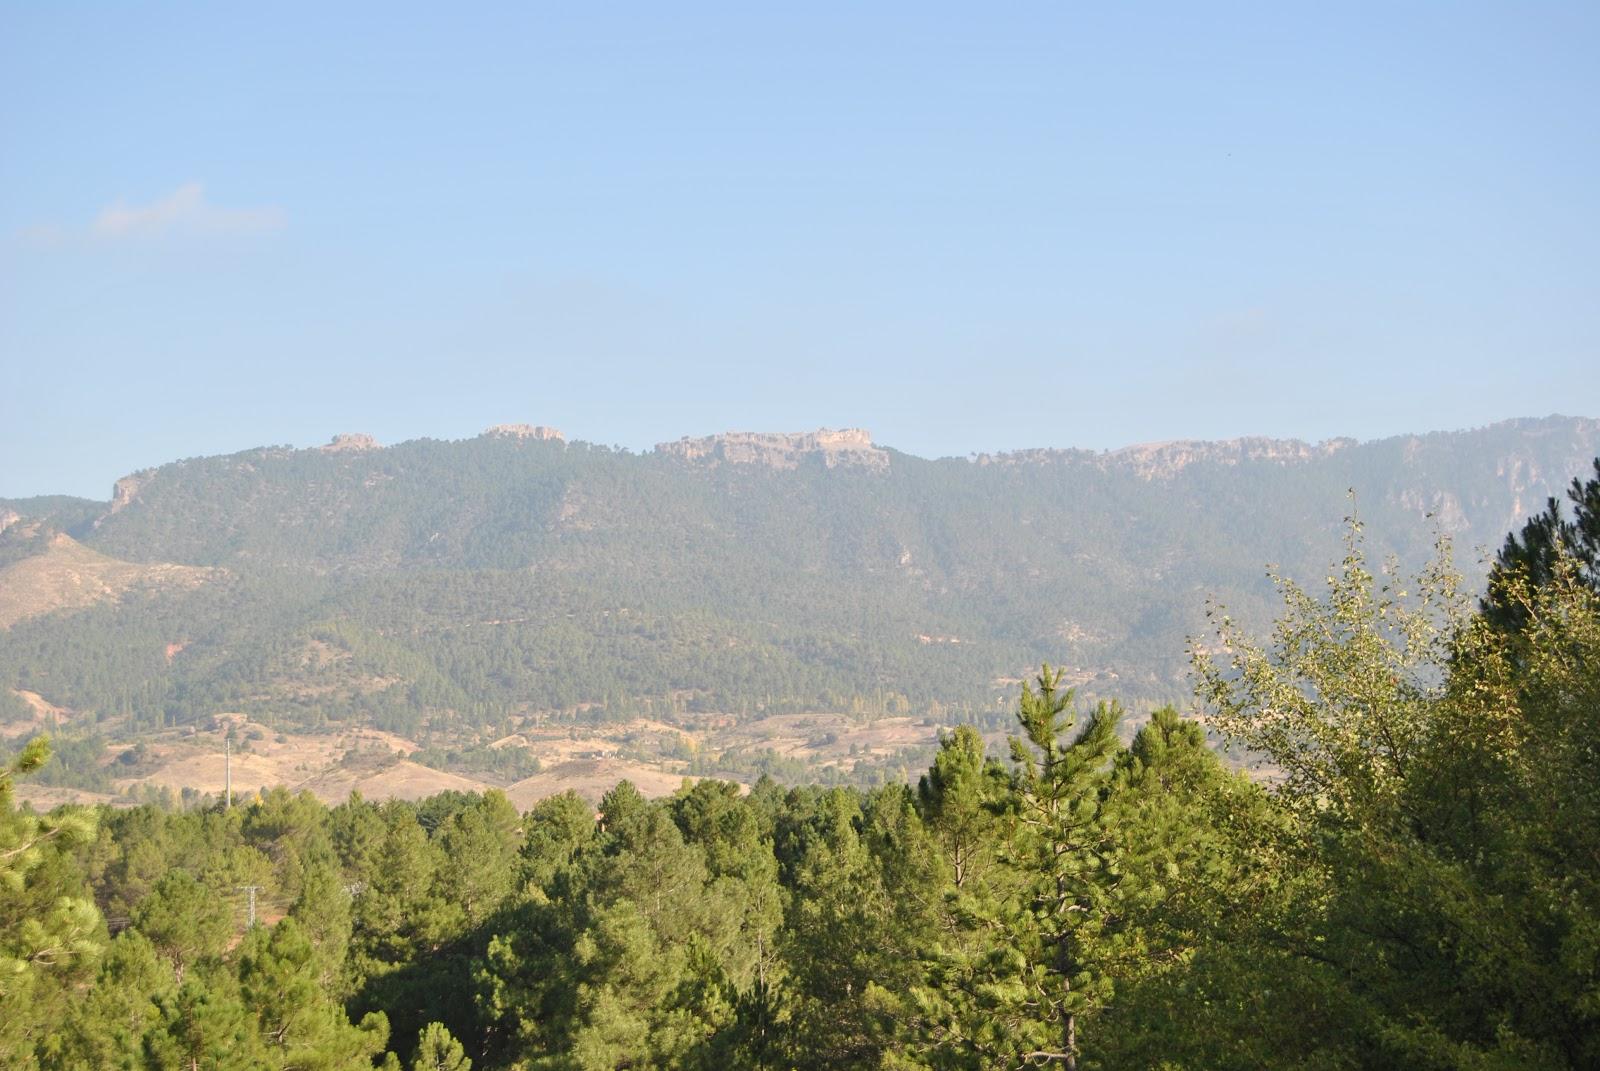 Excursiones por el mundo ri par y la sierra del segura por el curso alto del rio mundo - Altos del toril ...